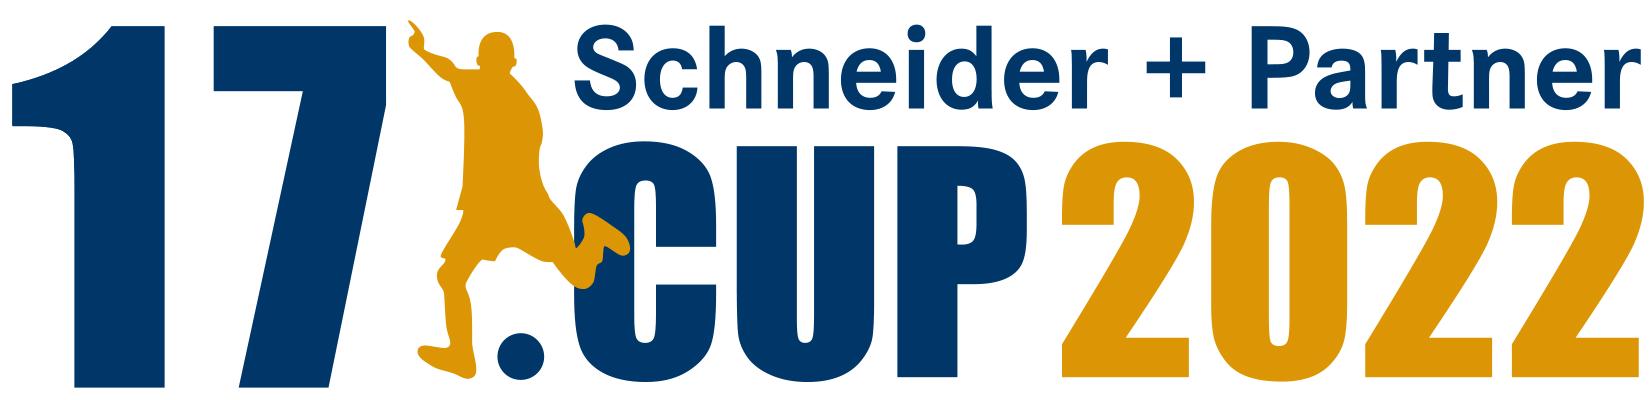 Schneider Cup Logo